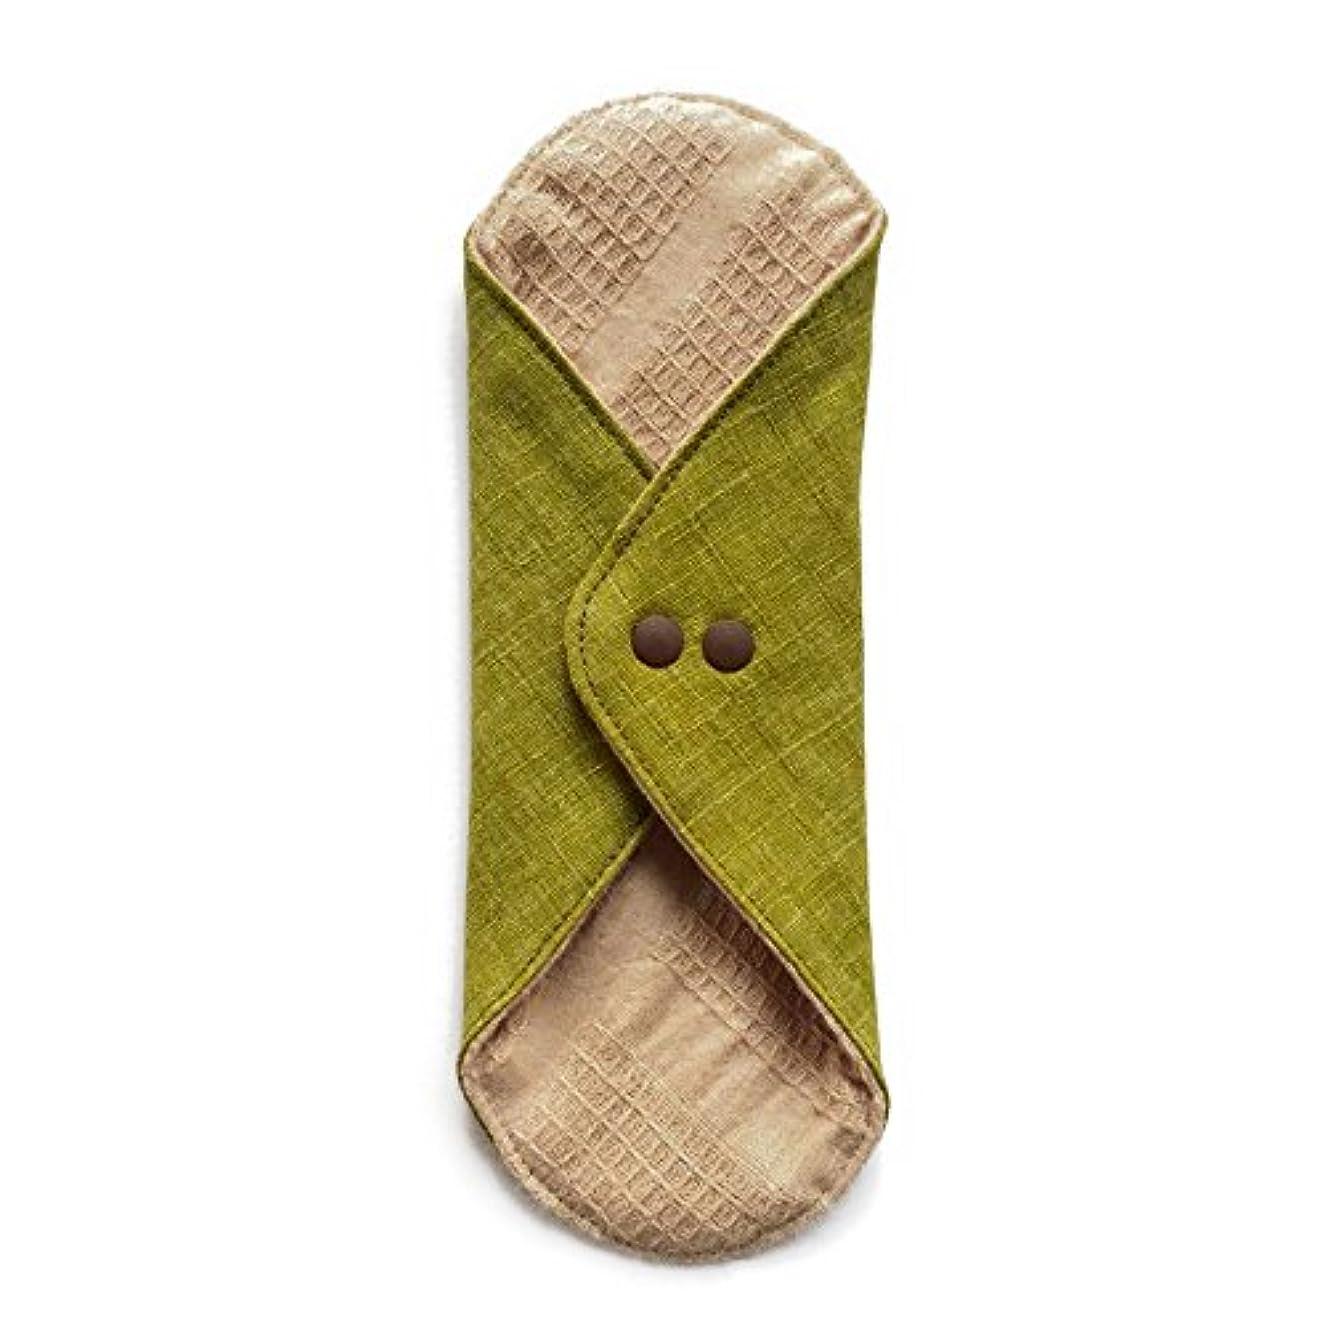 アリーナショートカット進捗華布のオーガニックコットンのあたため布 Lサイズ (約18×約20.5×約0.5cm) 彩り(抹茶)